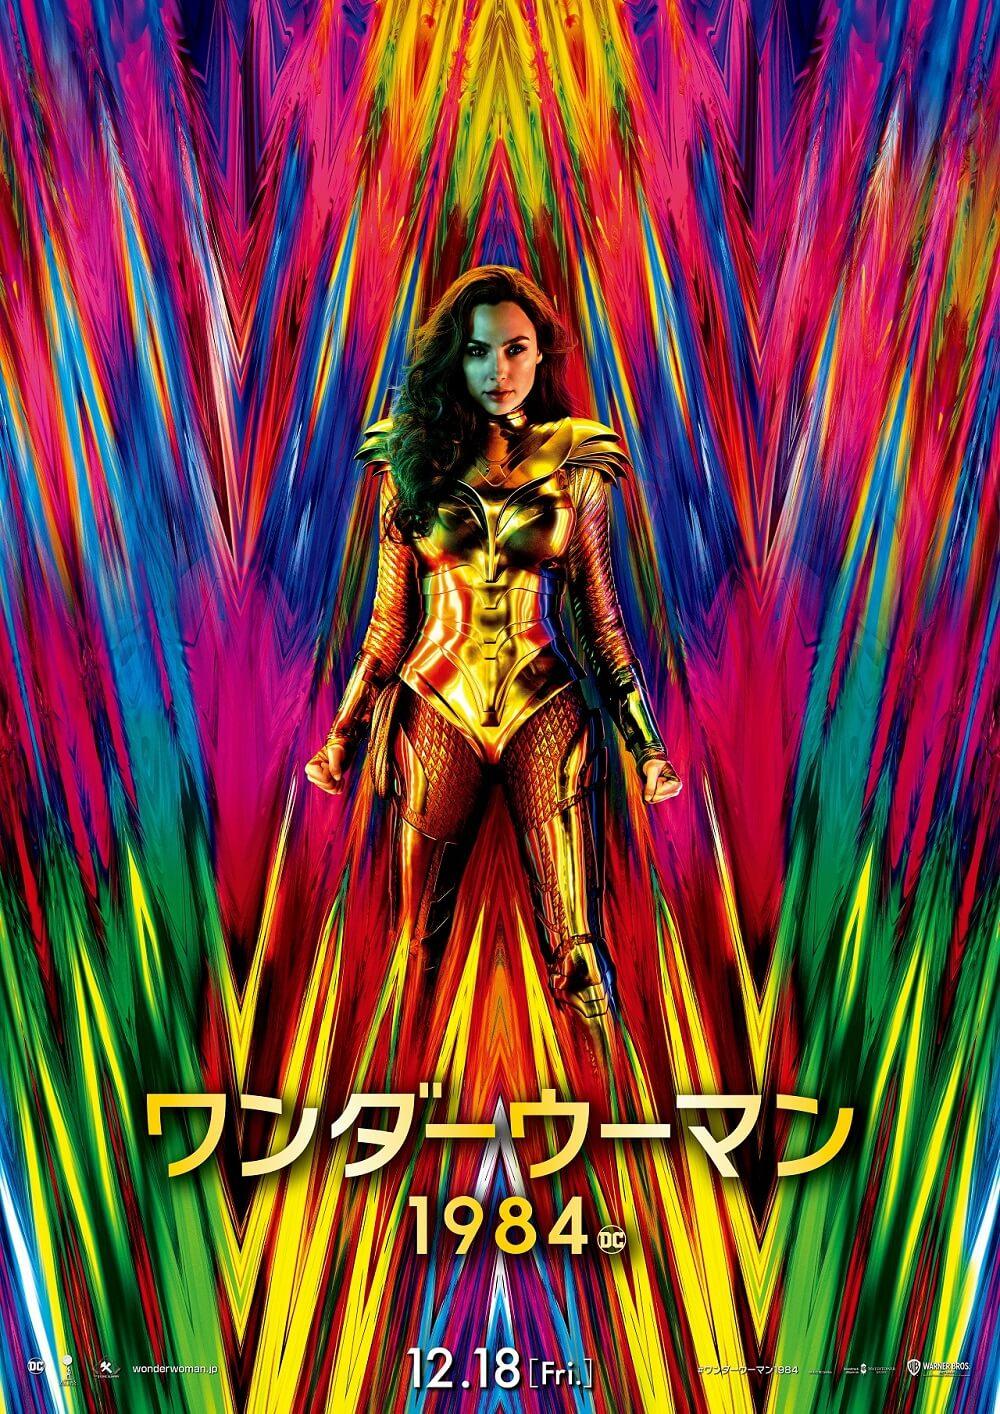 ガル・ガドット主演『ワンダーウーマン 1984』が全米に1週間先駆けて公開決定!12月18日全国ロードショーへ film201119_wonderwoman1984_main